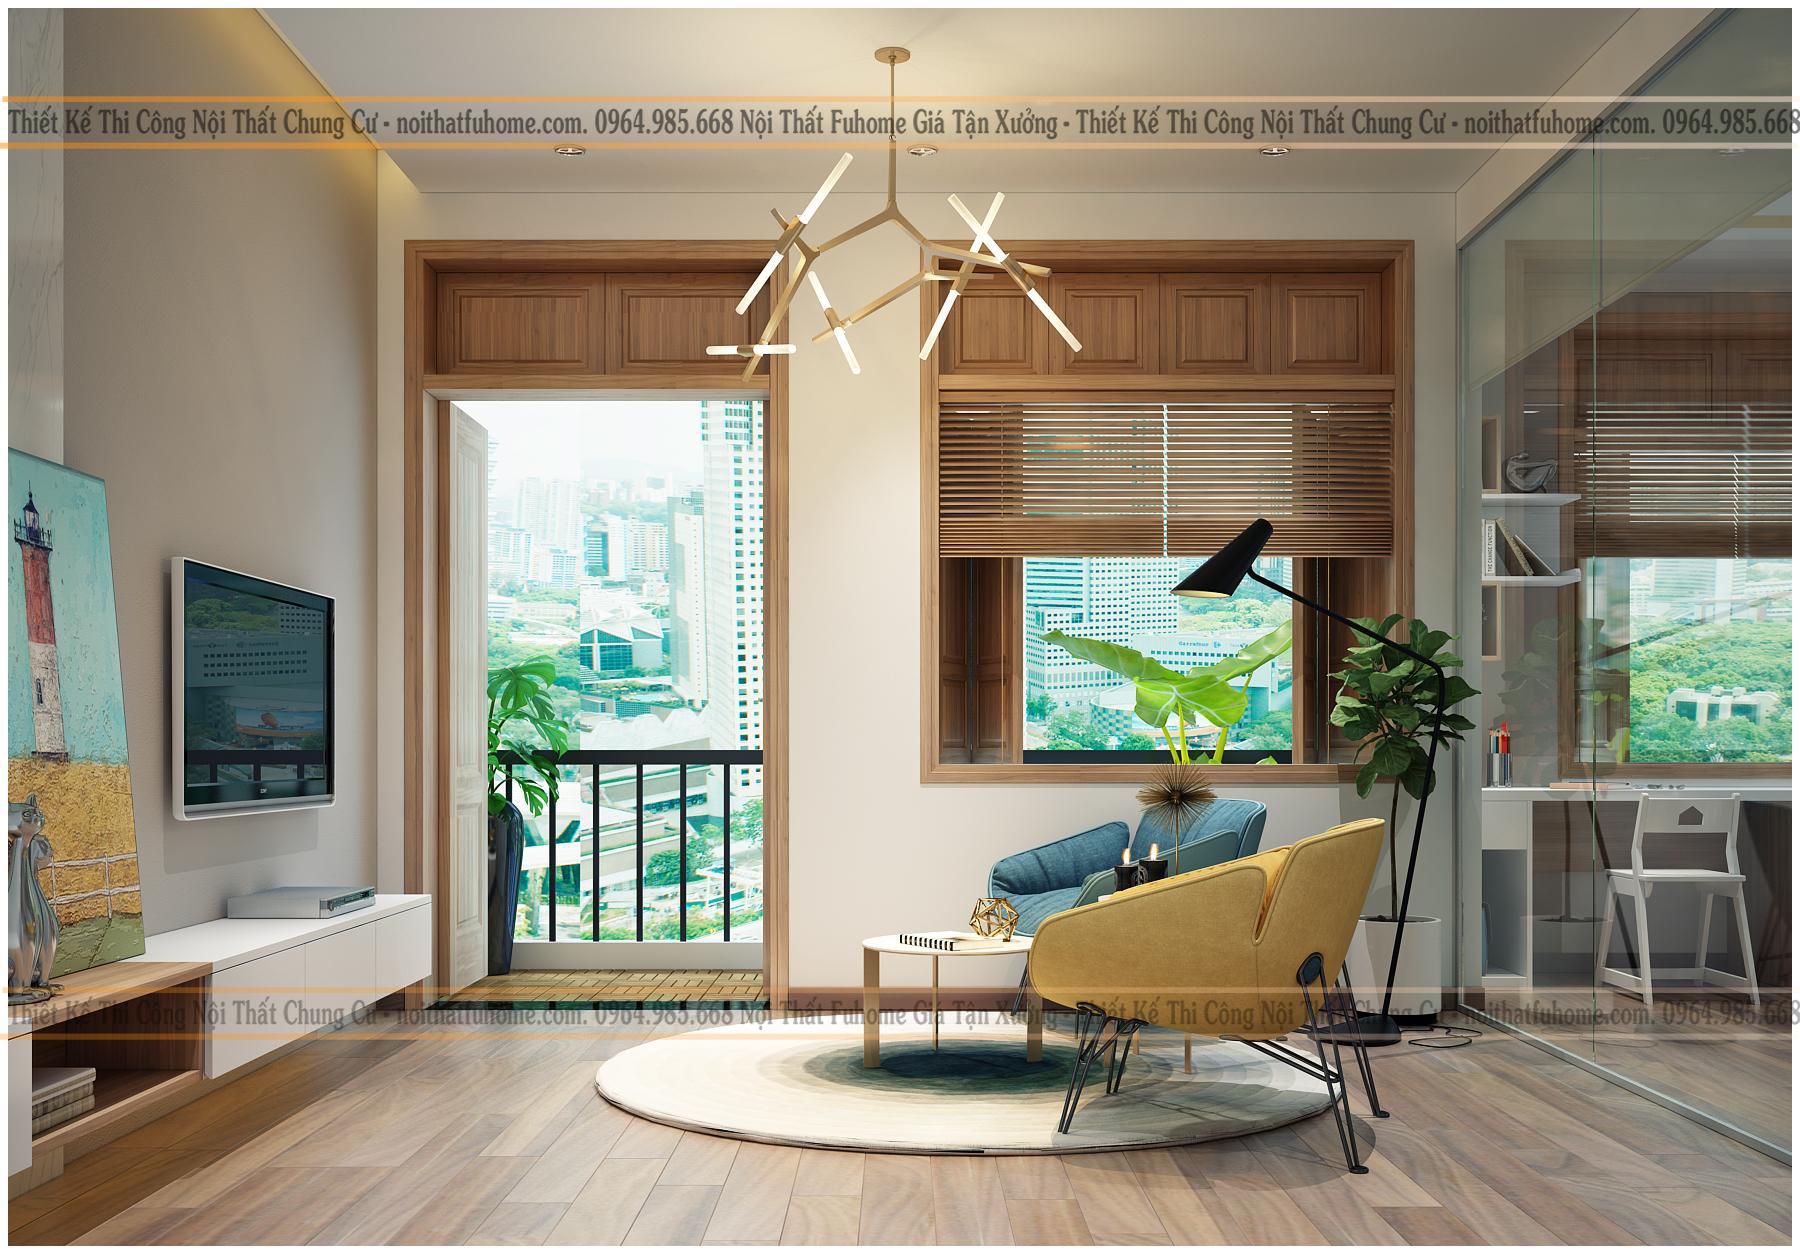 Thiết kế nội thất chung cư đẹp 70m2